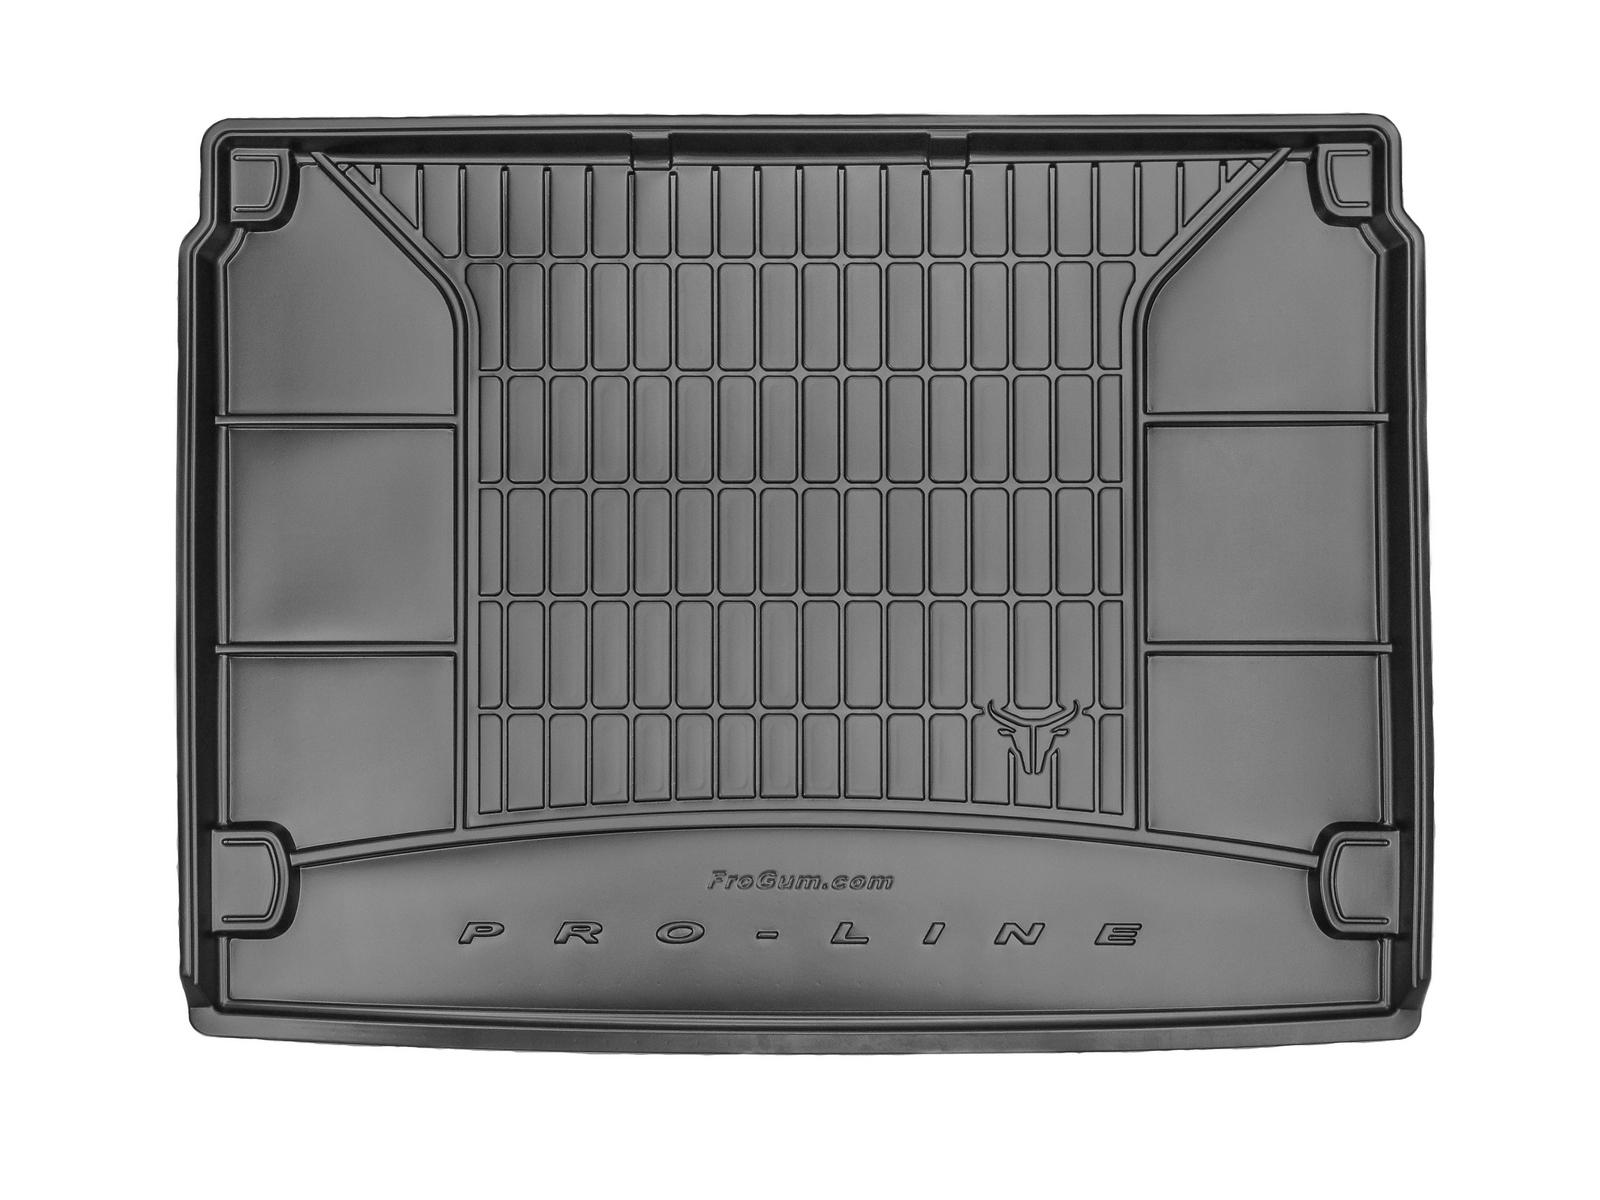 Premium Gummi Kofferraumwanne mit Organizer für Citroen C4 Picasso 2 II ab 2013